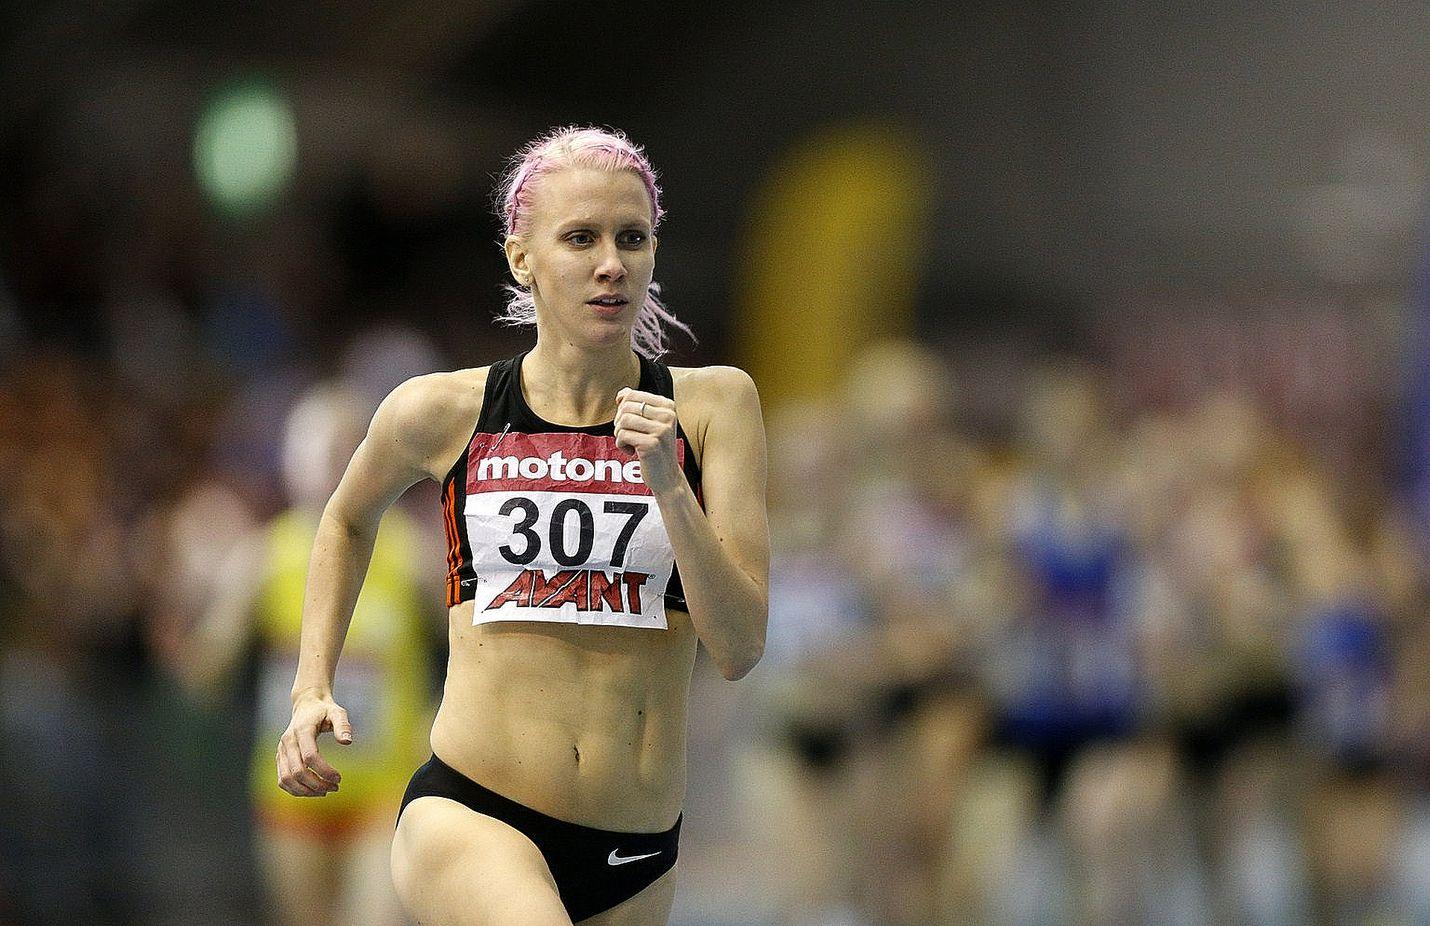 Sandra Eriksson sai juosta yksin, sillä soolojuoksu tiputti muut leikistä jo alkumetreillä.